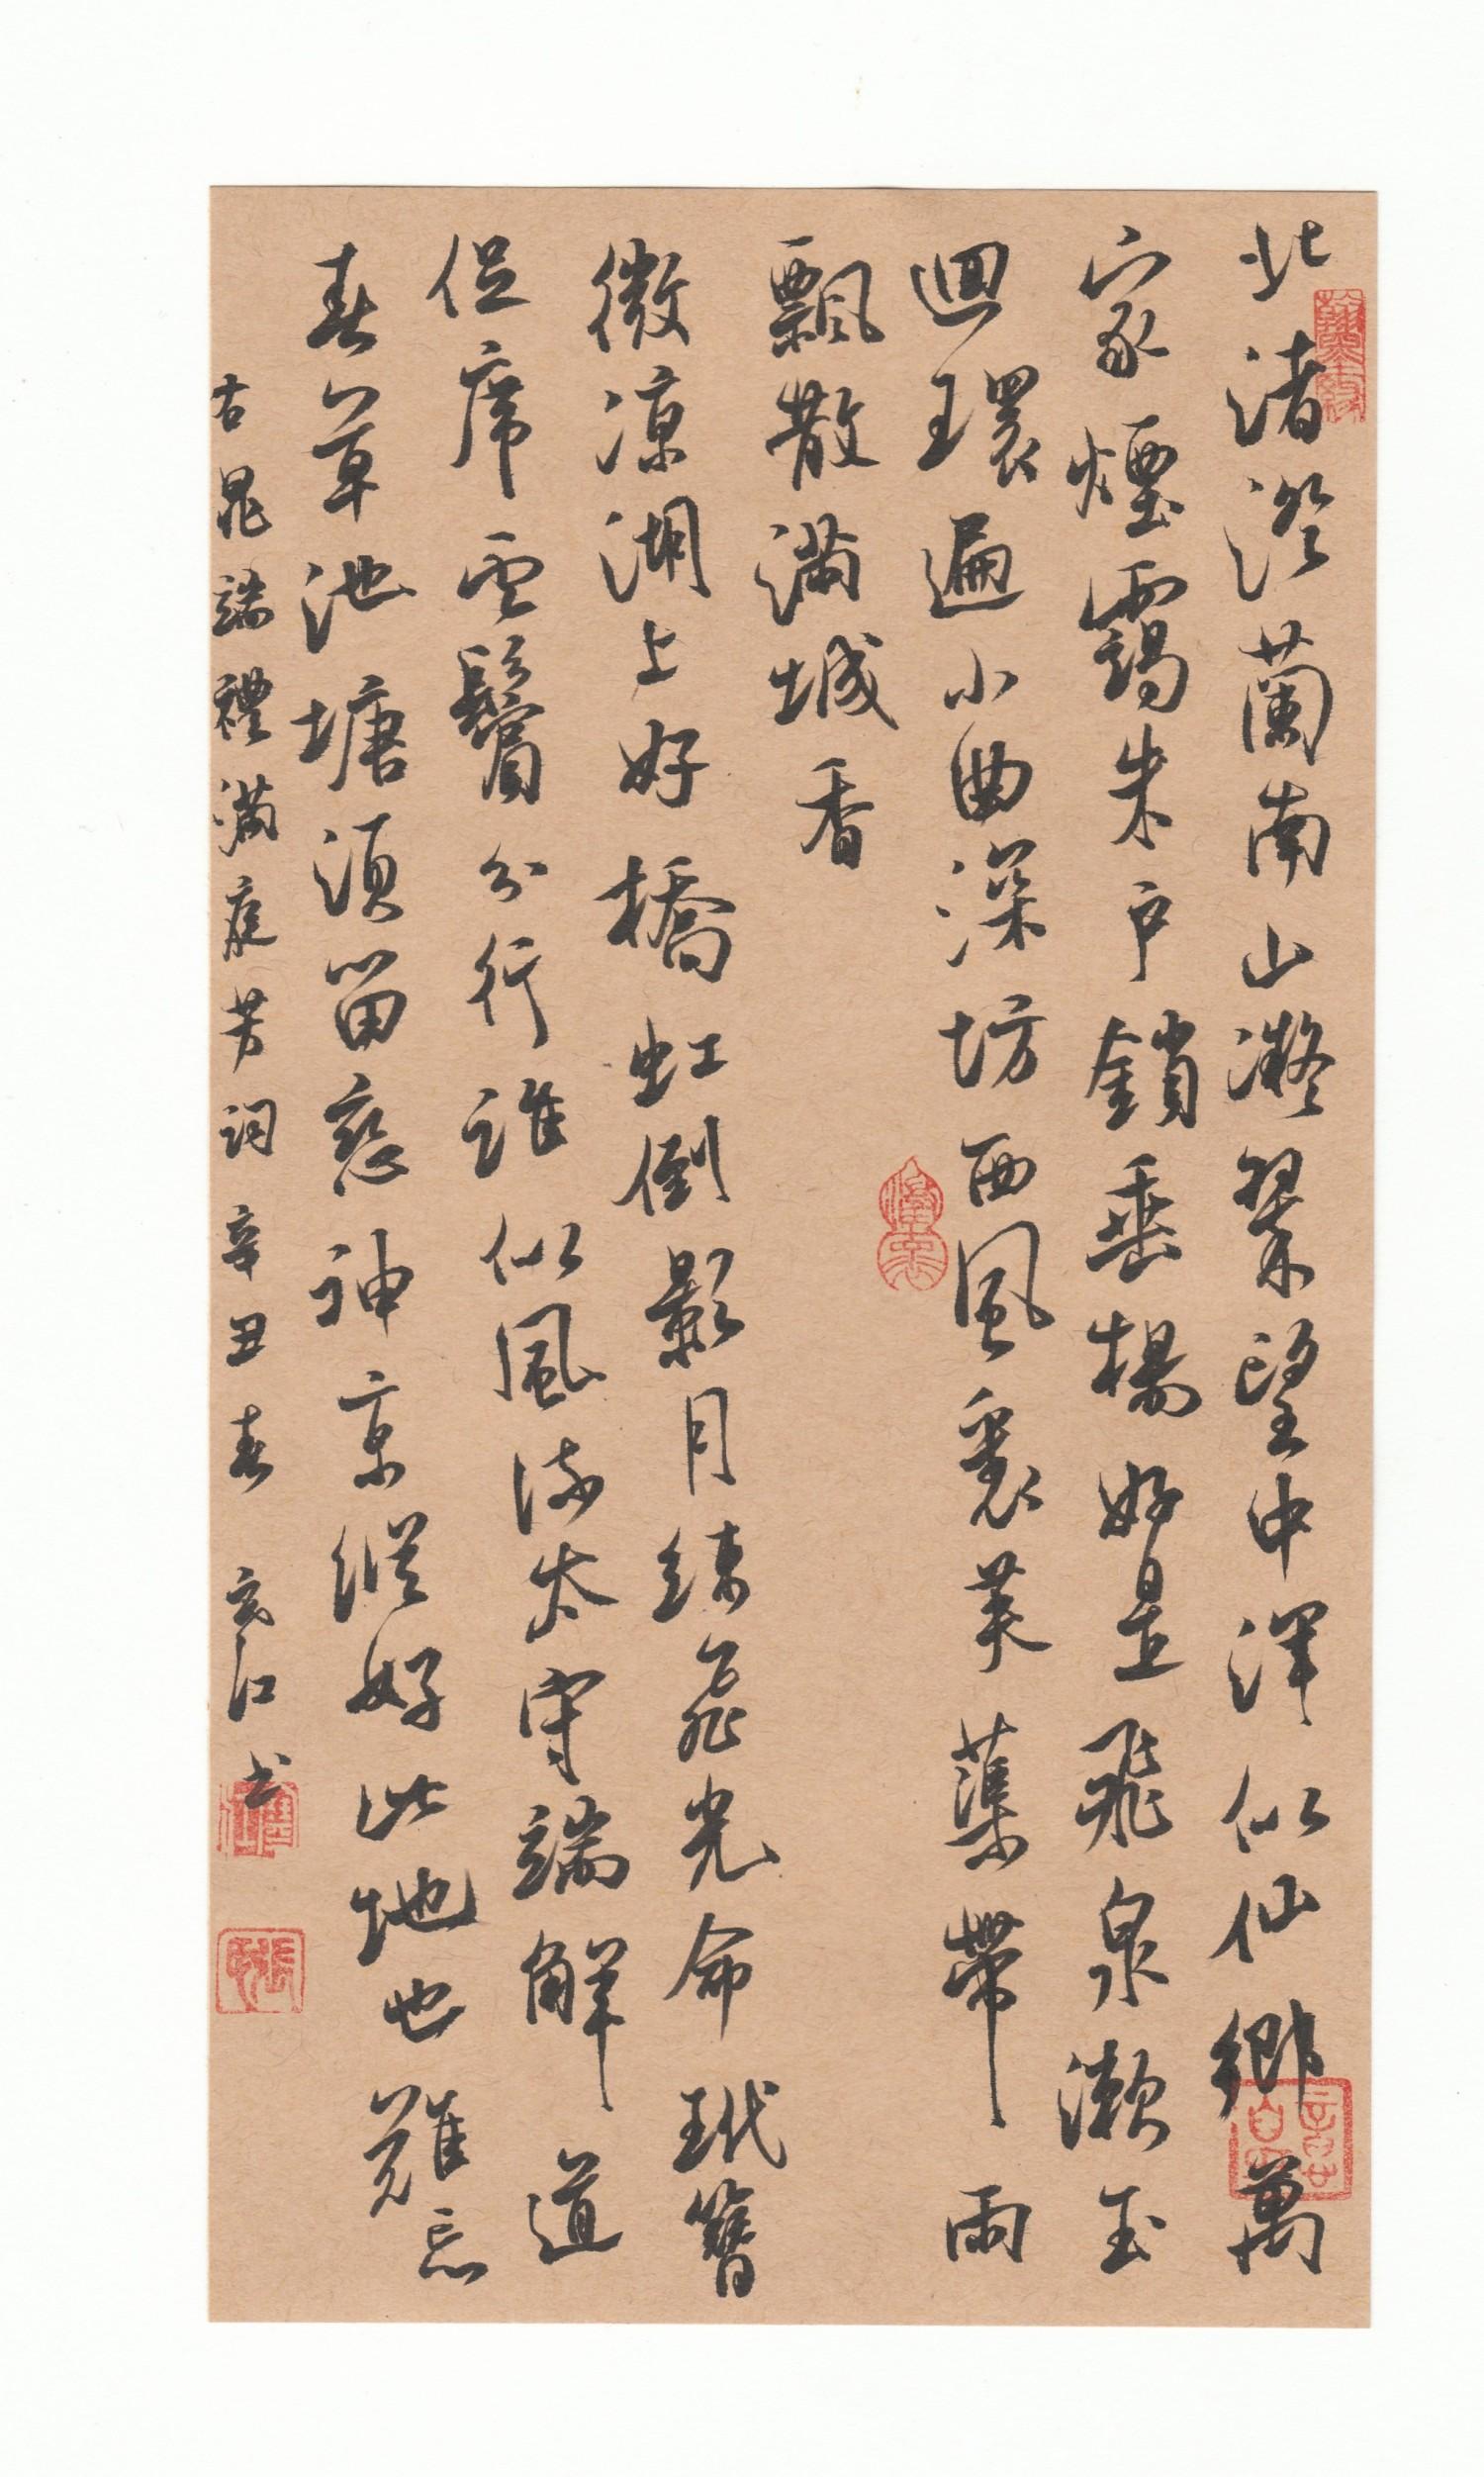 钢笔爱好者练字打卡20210330-18